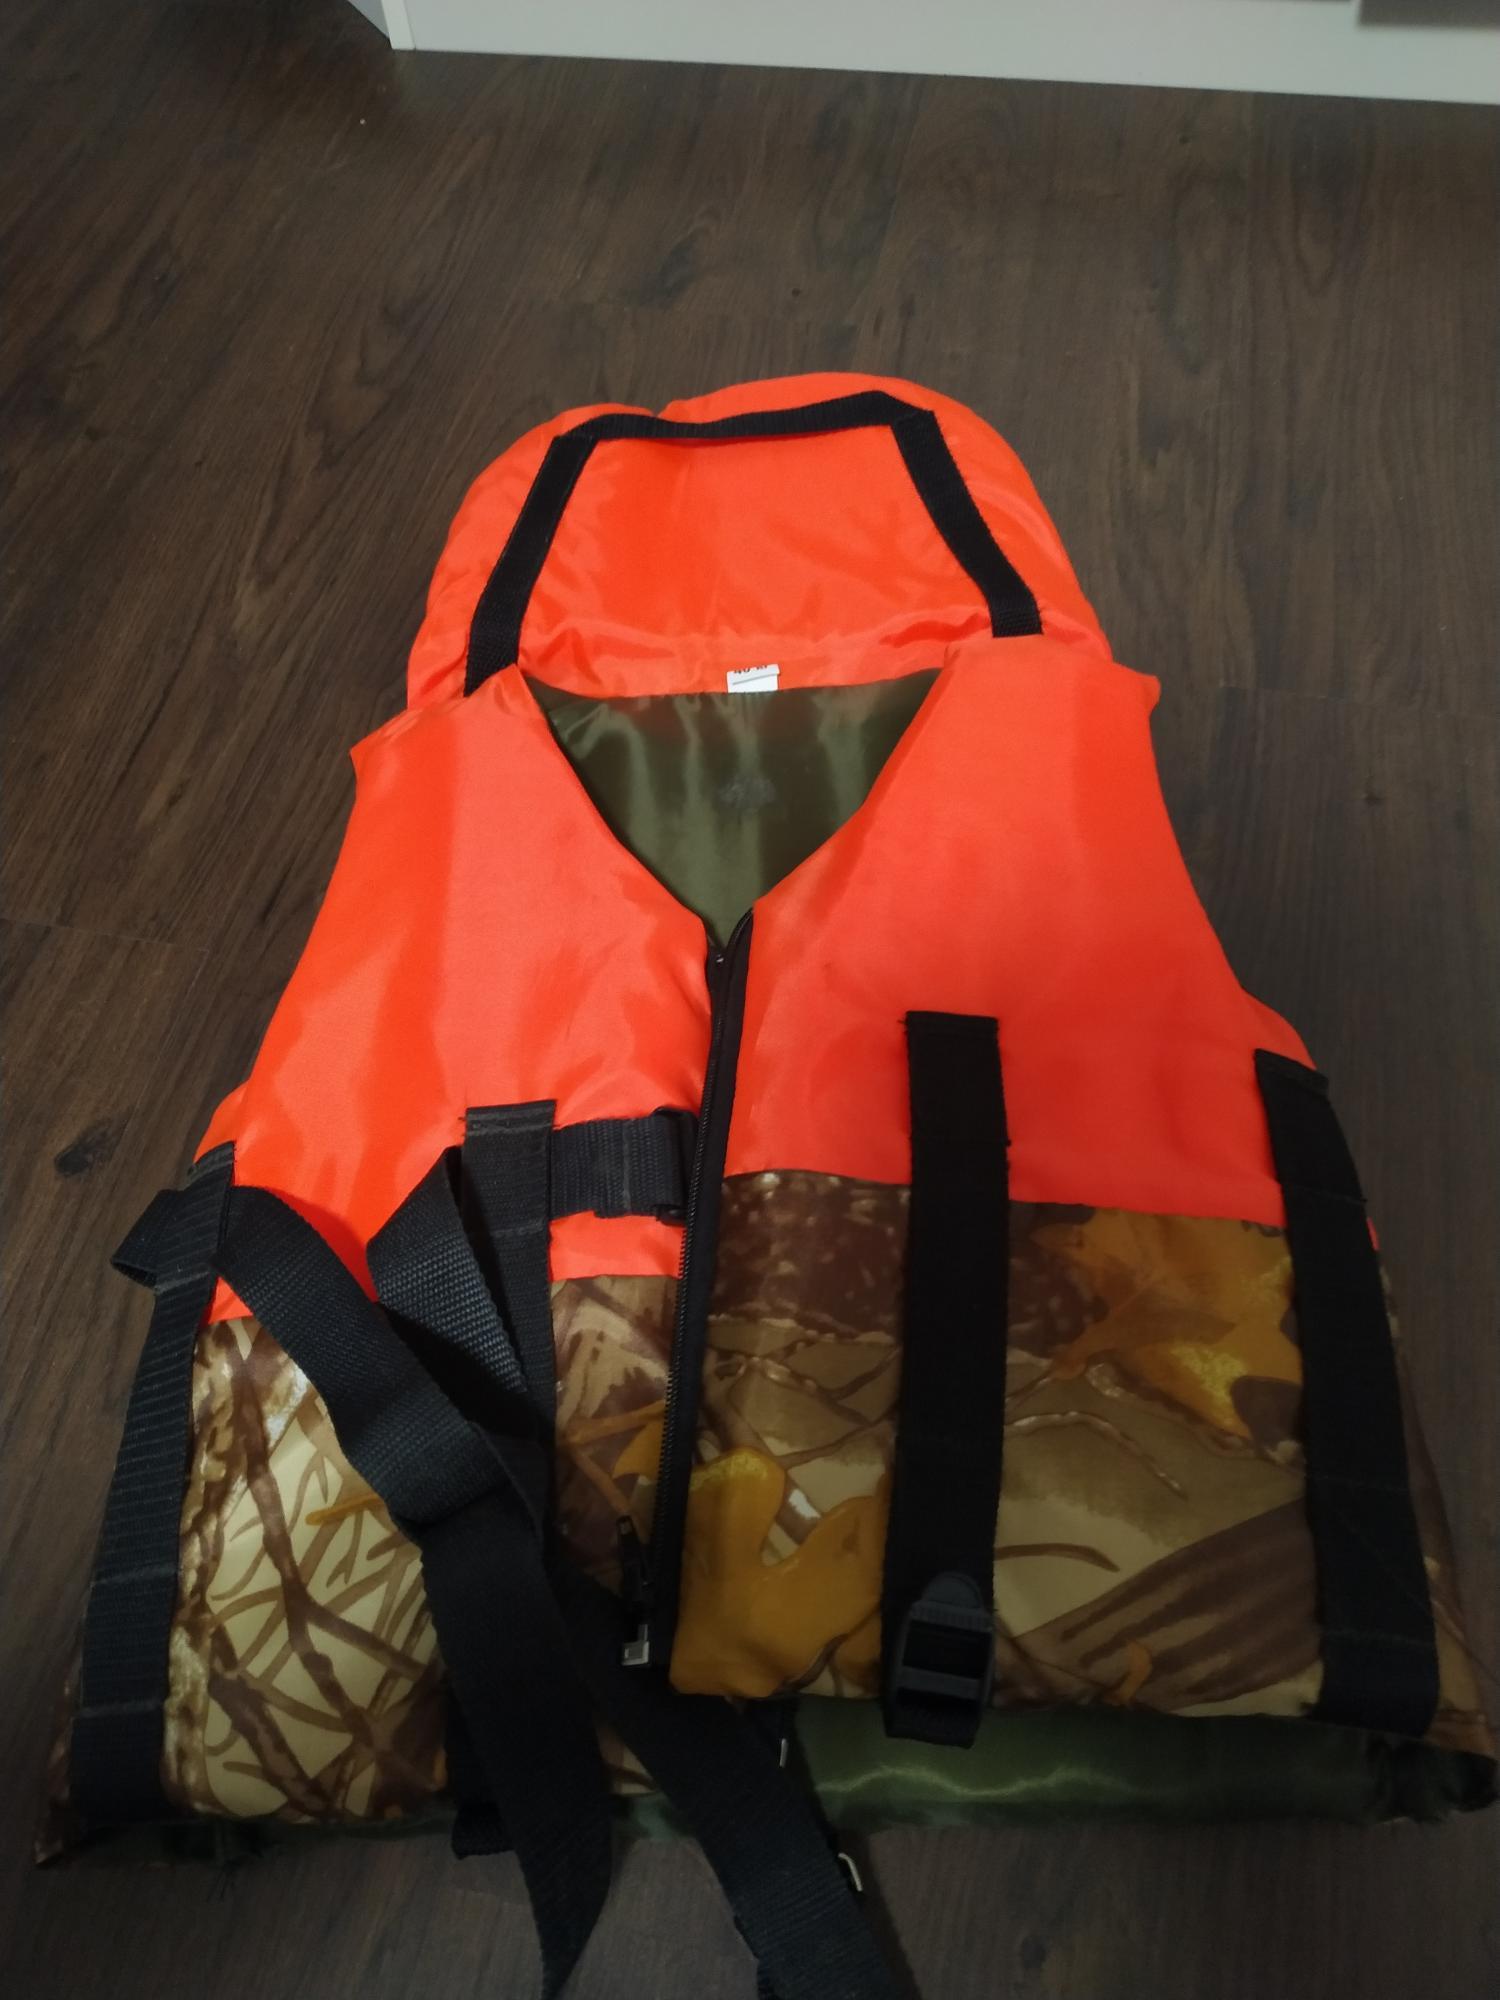 Жилет спасательный в Москве 89104393512 купить 4